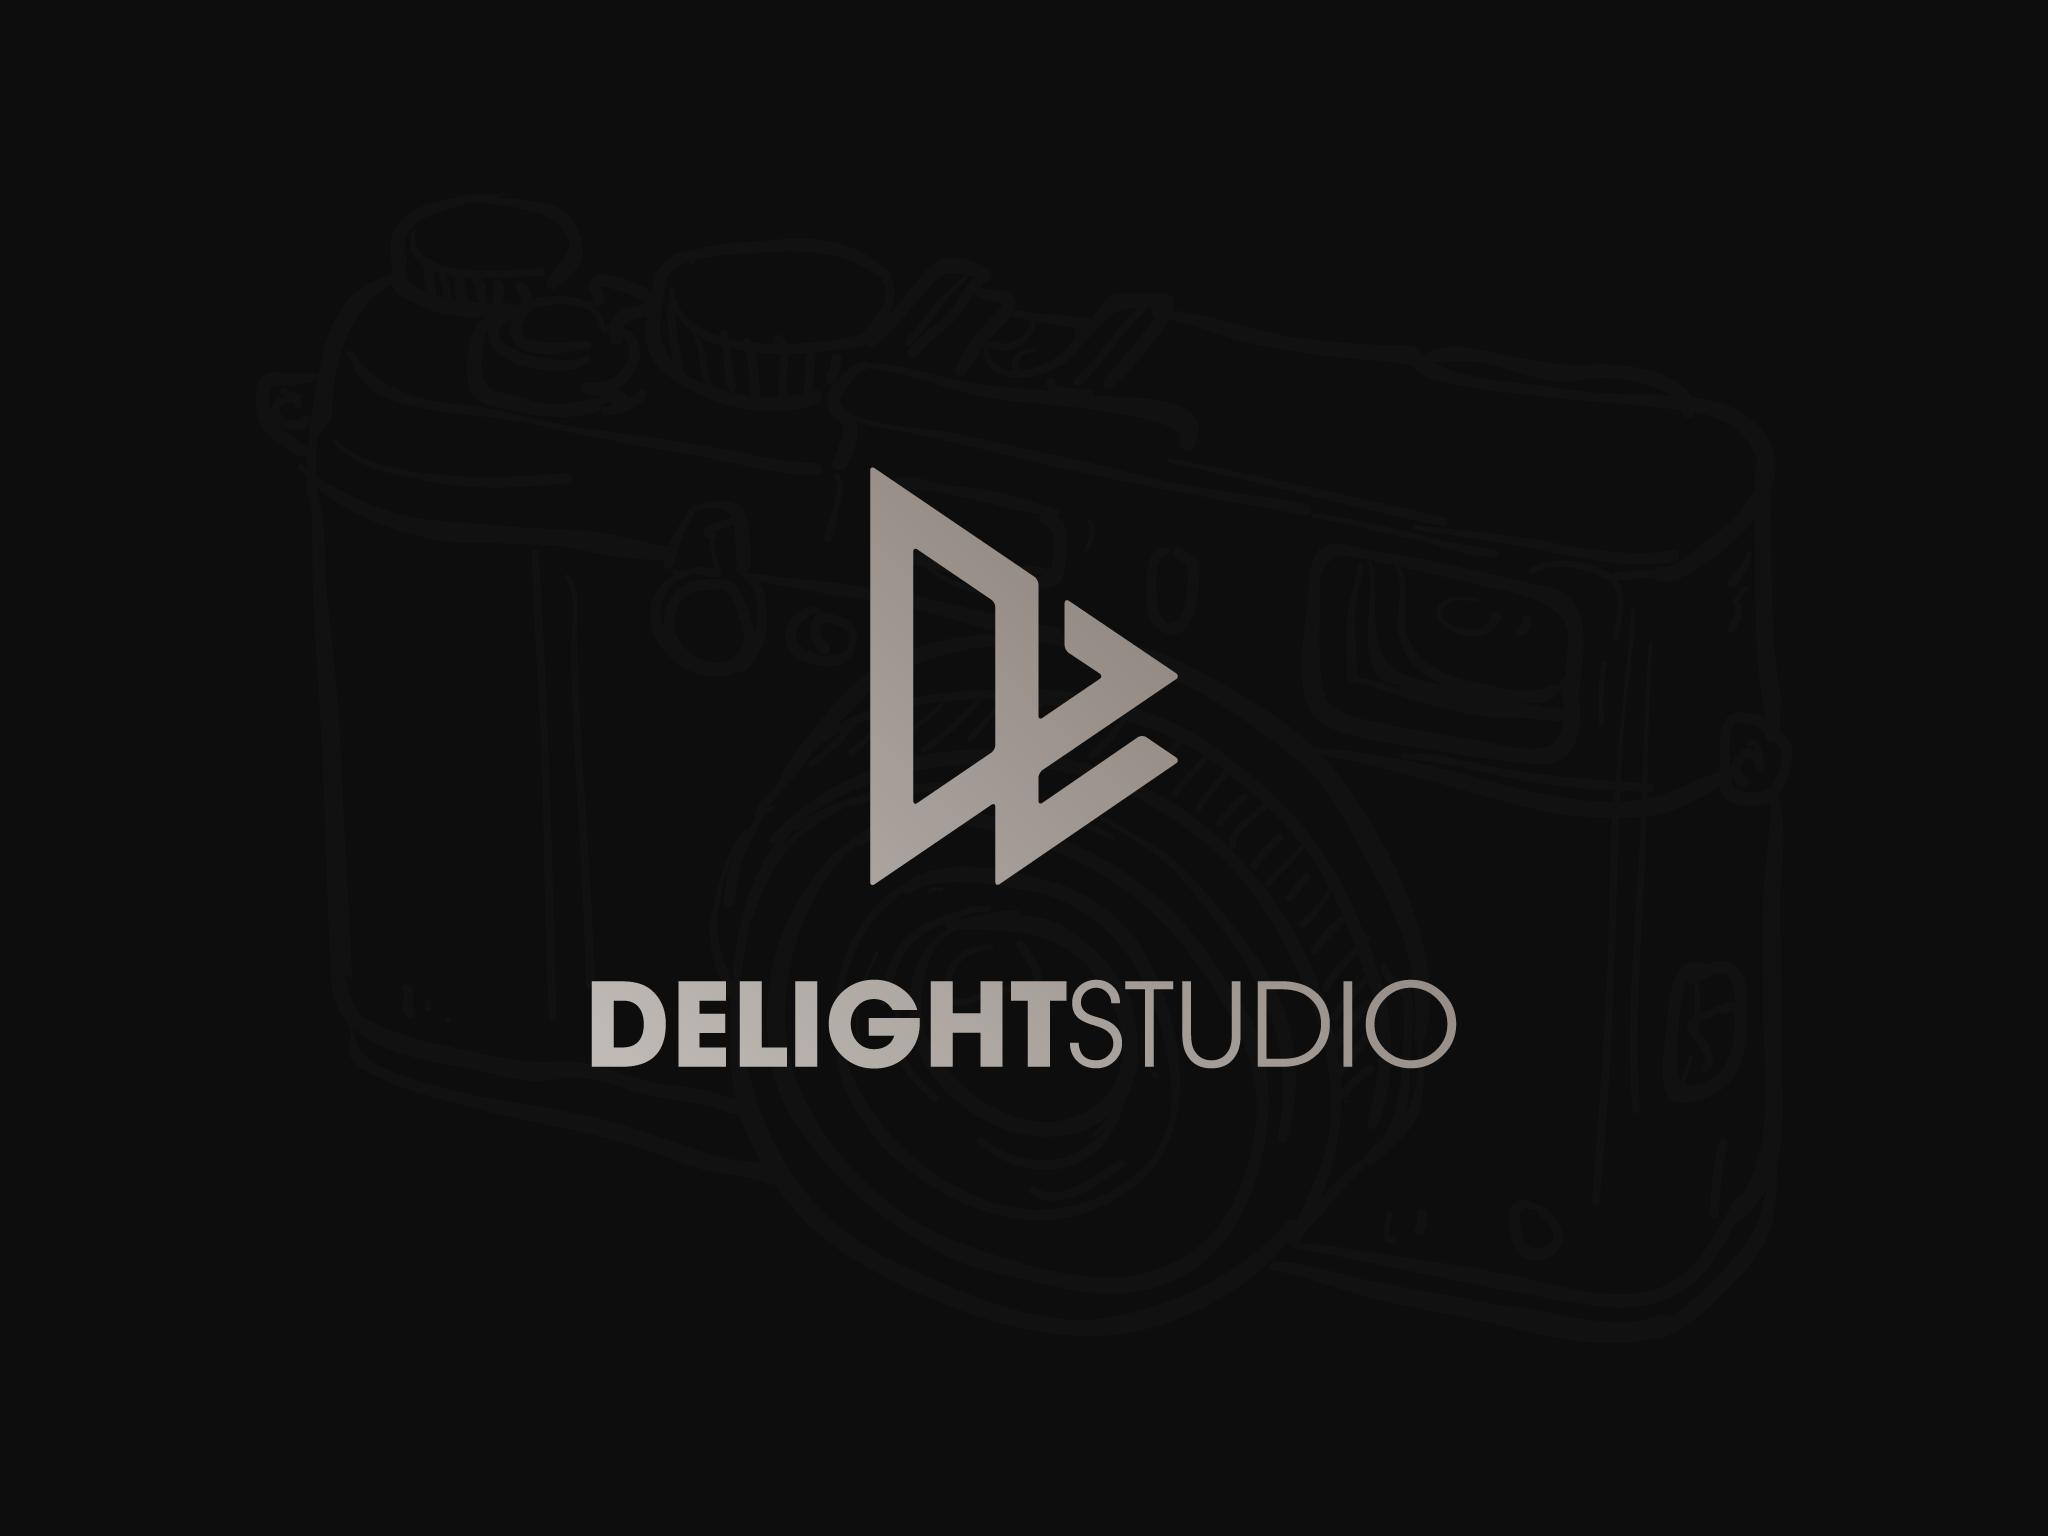 Nhận diện thương hiệu DeLight Studio